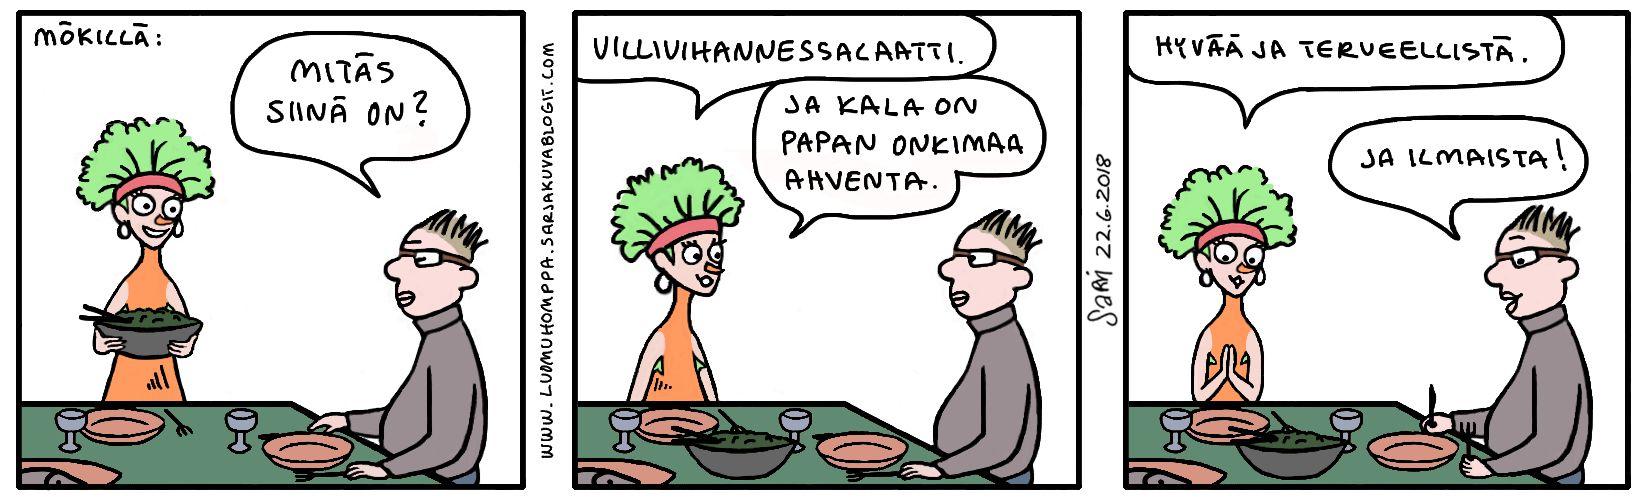 lh49 Unelma-ateria